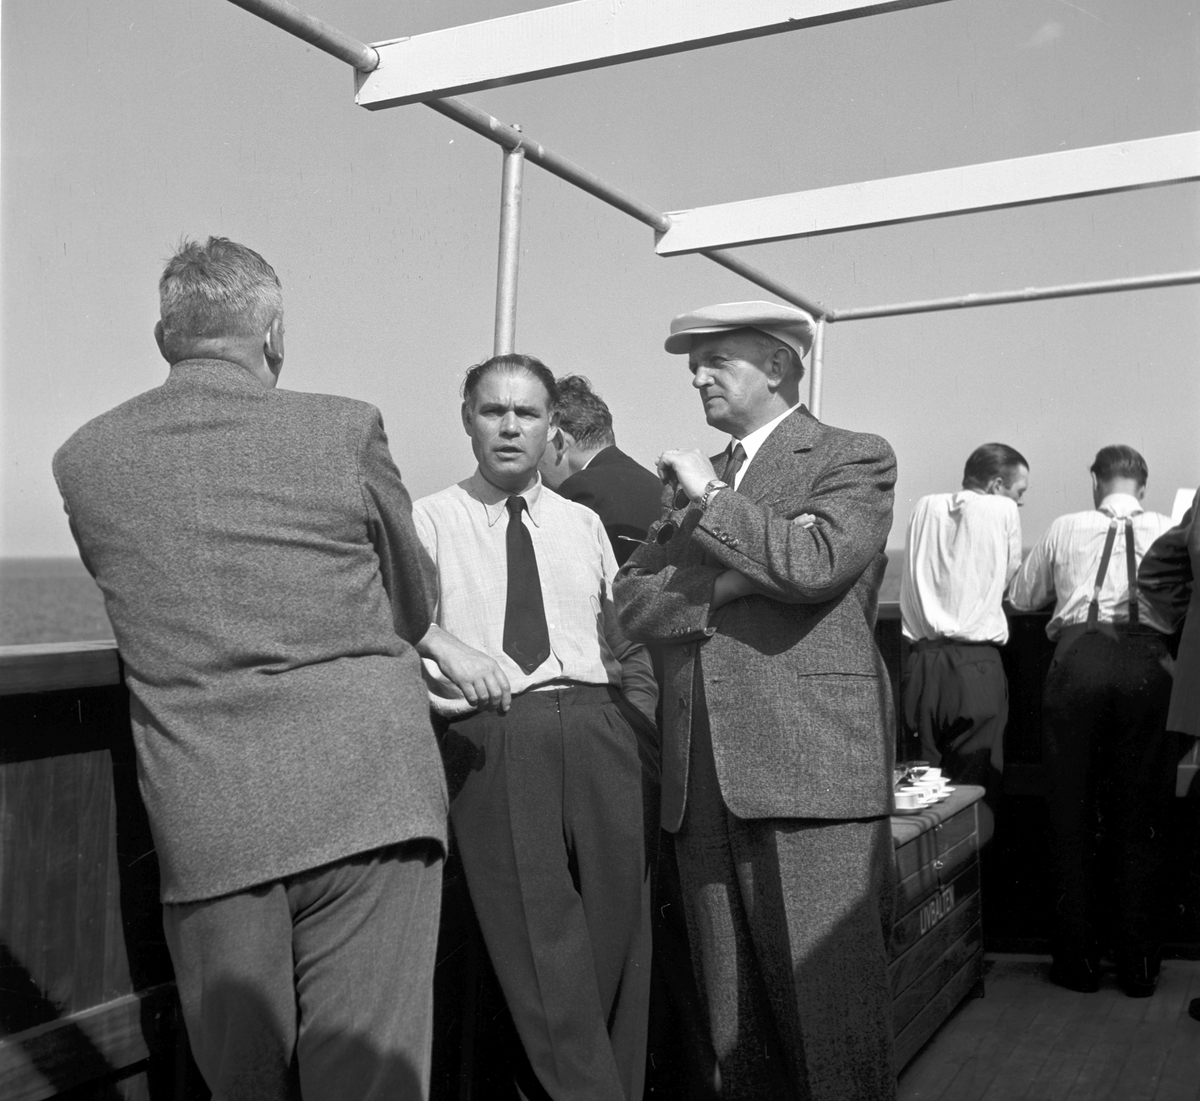 17 oktober. Fred Olson Udén AB, Verkebäck. Gävle Varv anlades 1873. Efter en konkurs 1921 bildades Gefle Varfvs och Verkstads Nya AB, som bland annat tillverkade oljecisterner och utrustningar till pappersmassefabriker. På 1940-talet återupptogs skeppsbyggeriet.